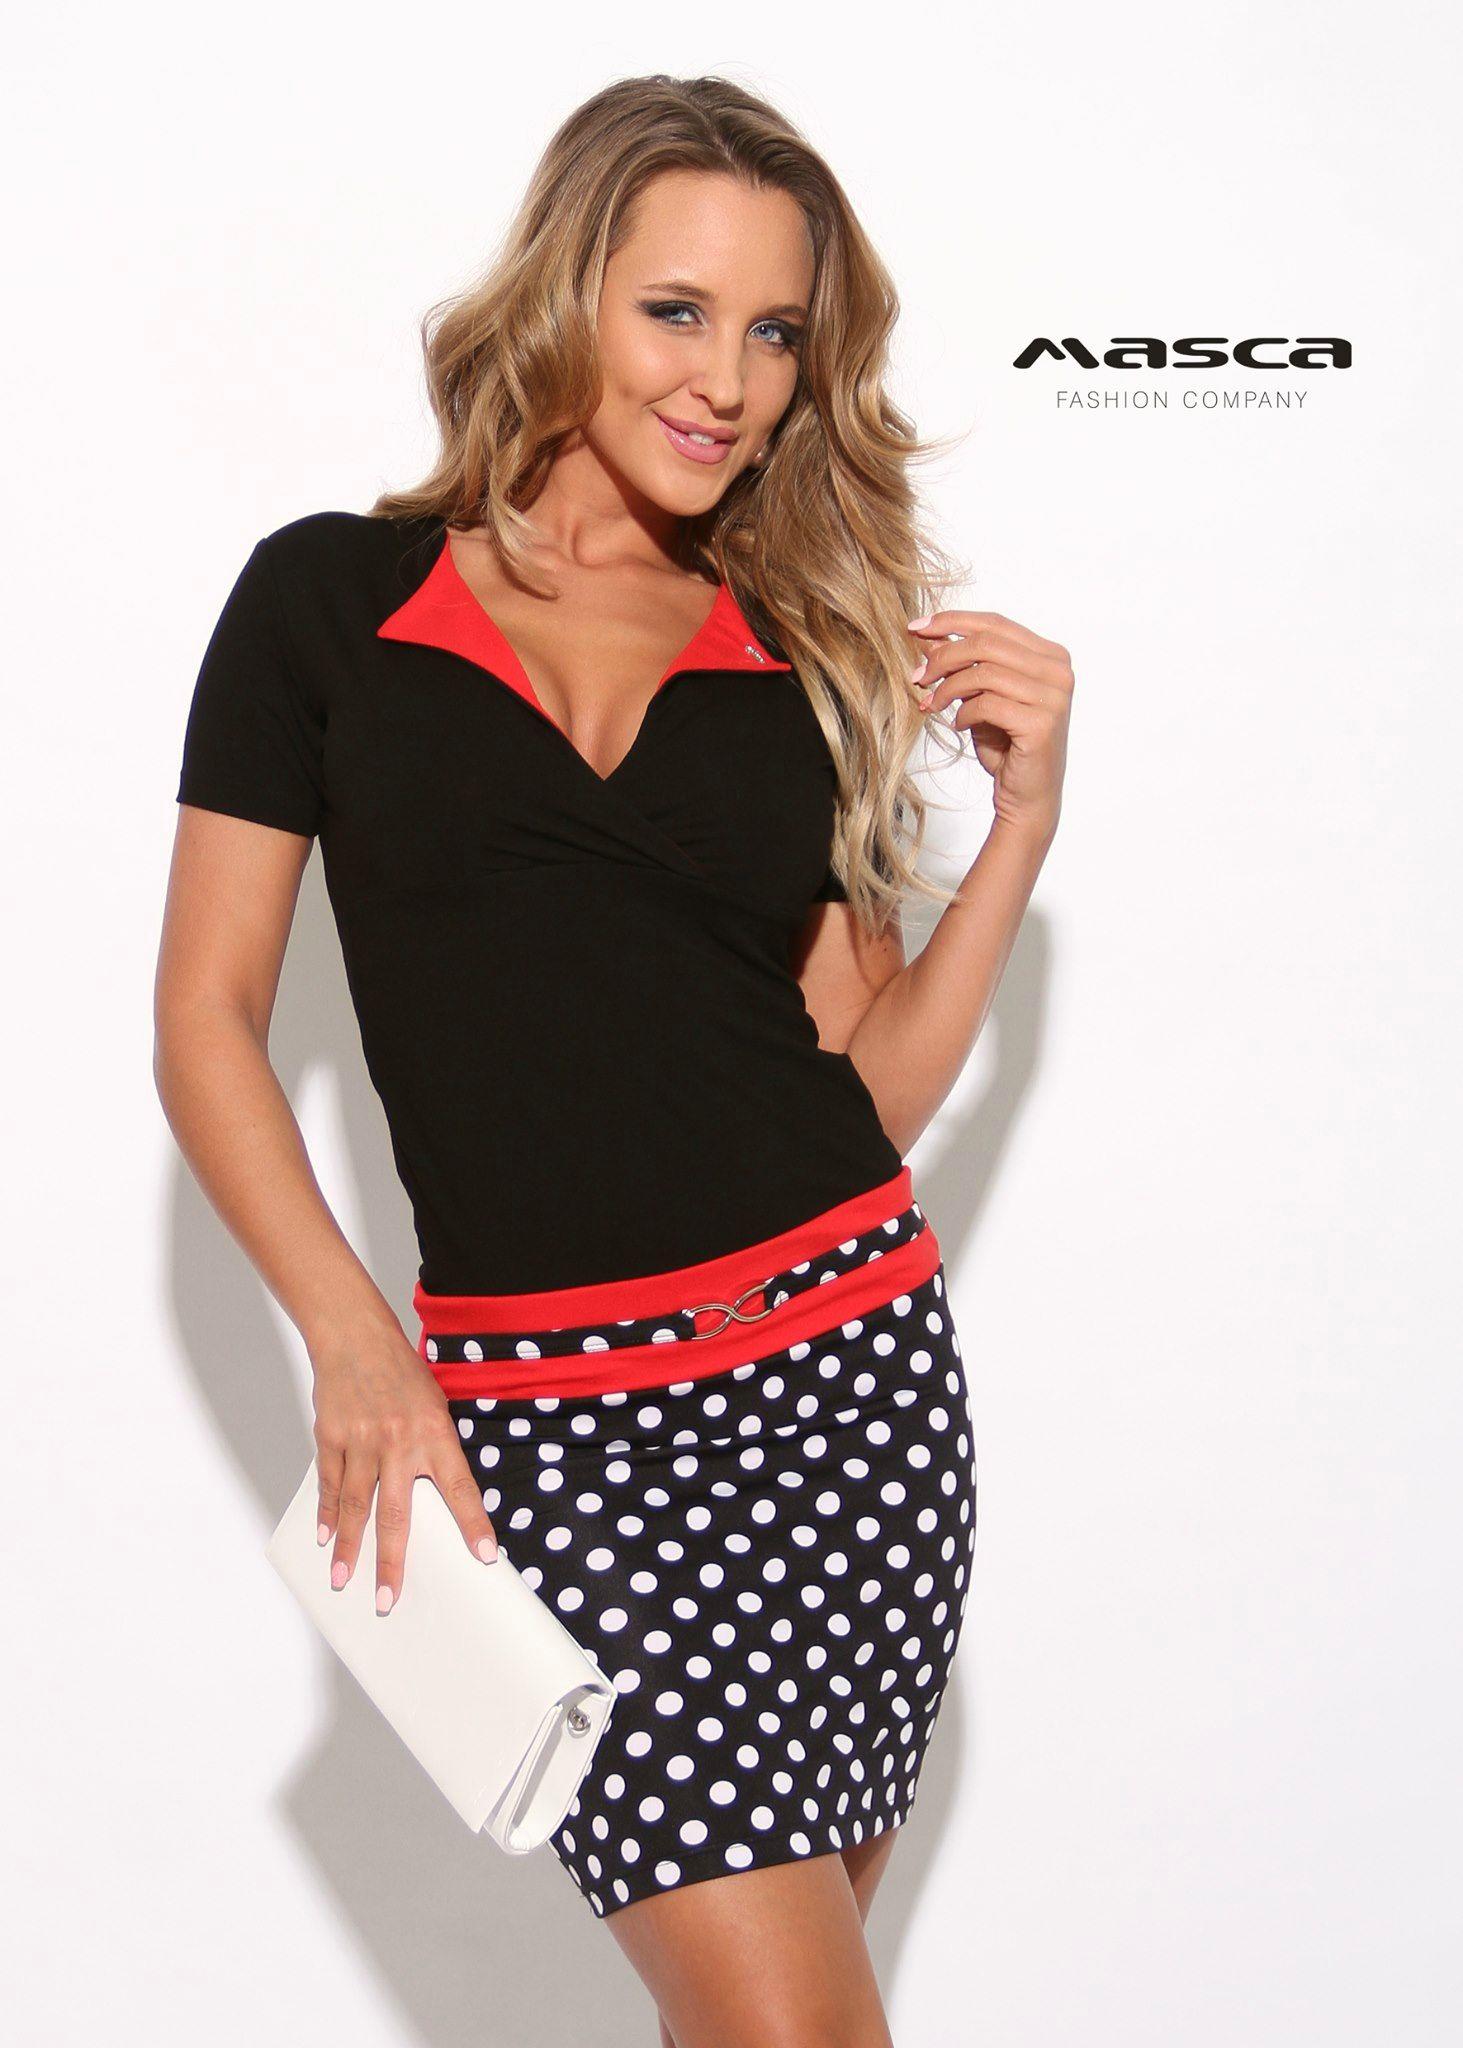 ae0ac2a9e3fa Masca Fashion piros betétes kihajtós galléros fekete, fehér pöttyös aljú  miniruha